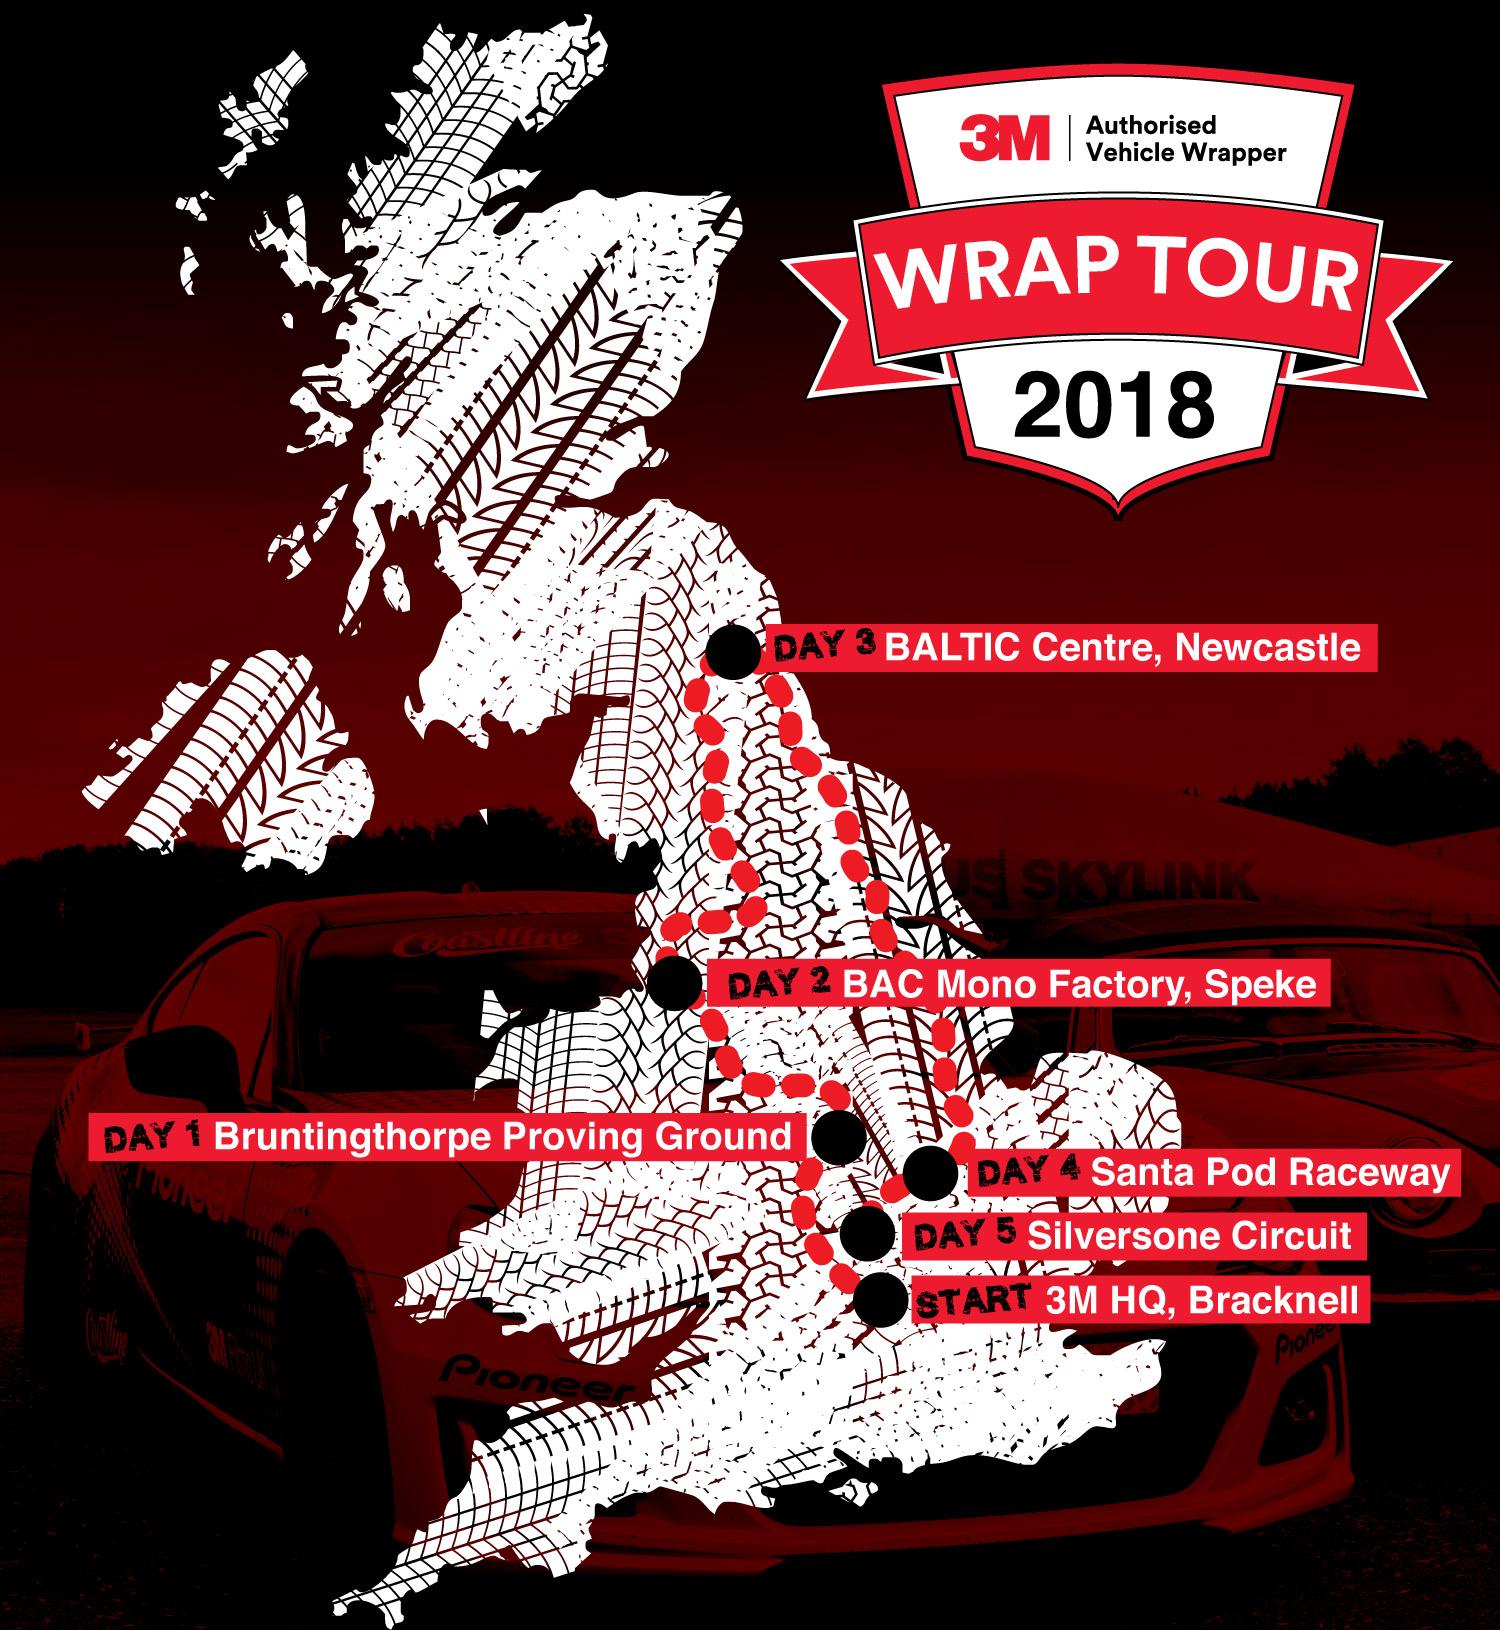 3m-wrap-tour-map